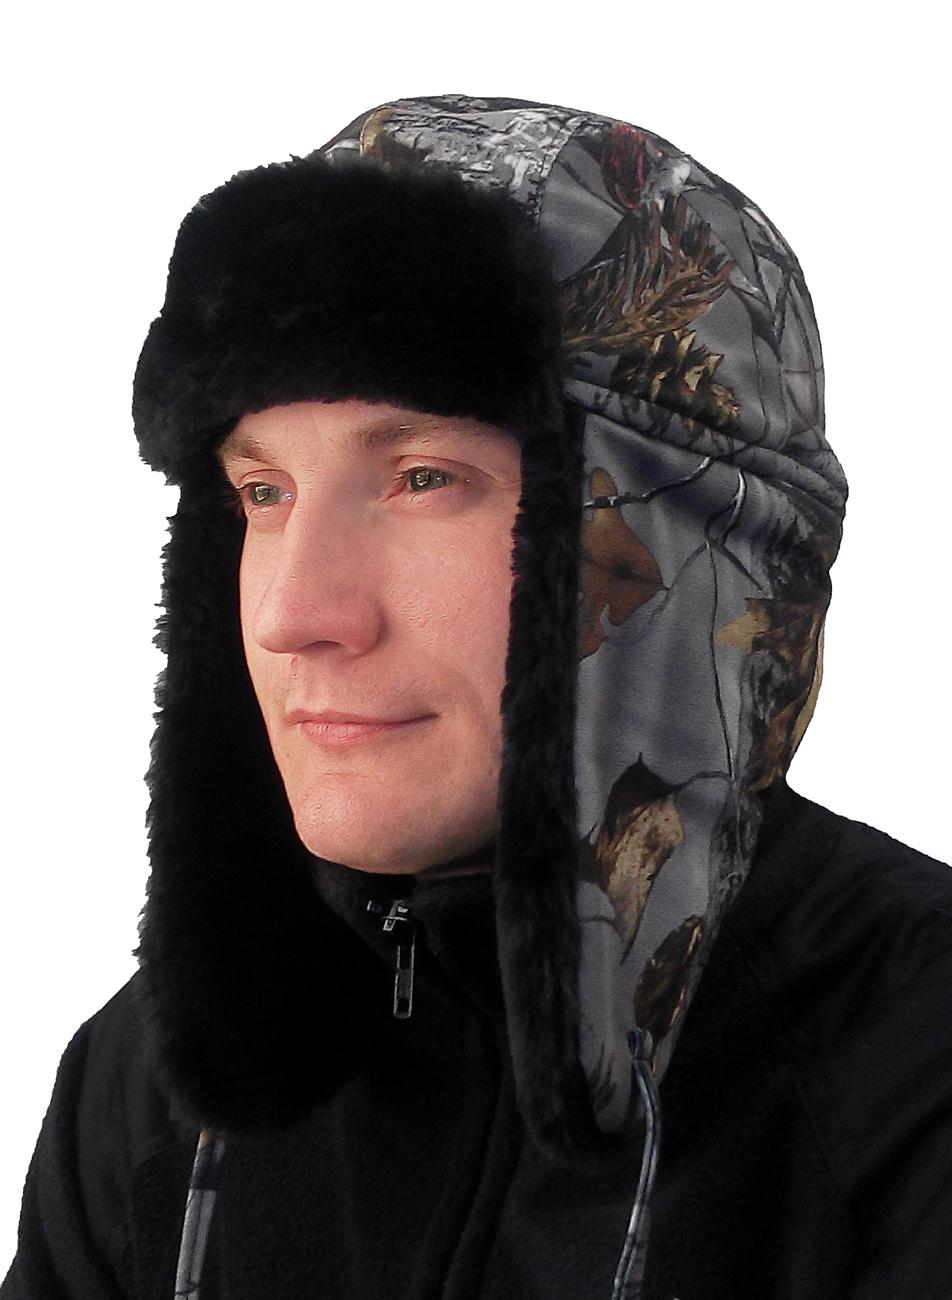 Шапка Антифрост кмф дубок (56)Шапки<br>Шапка на подкладке из искусственного меха, <br>Затяжник в затылочной области, регулирующий <br>объем шапки.<br><br>Пол: мужской<br>Размер: 56<br>Сезон: зима<br>Цвет: серый